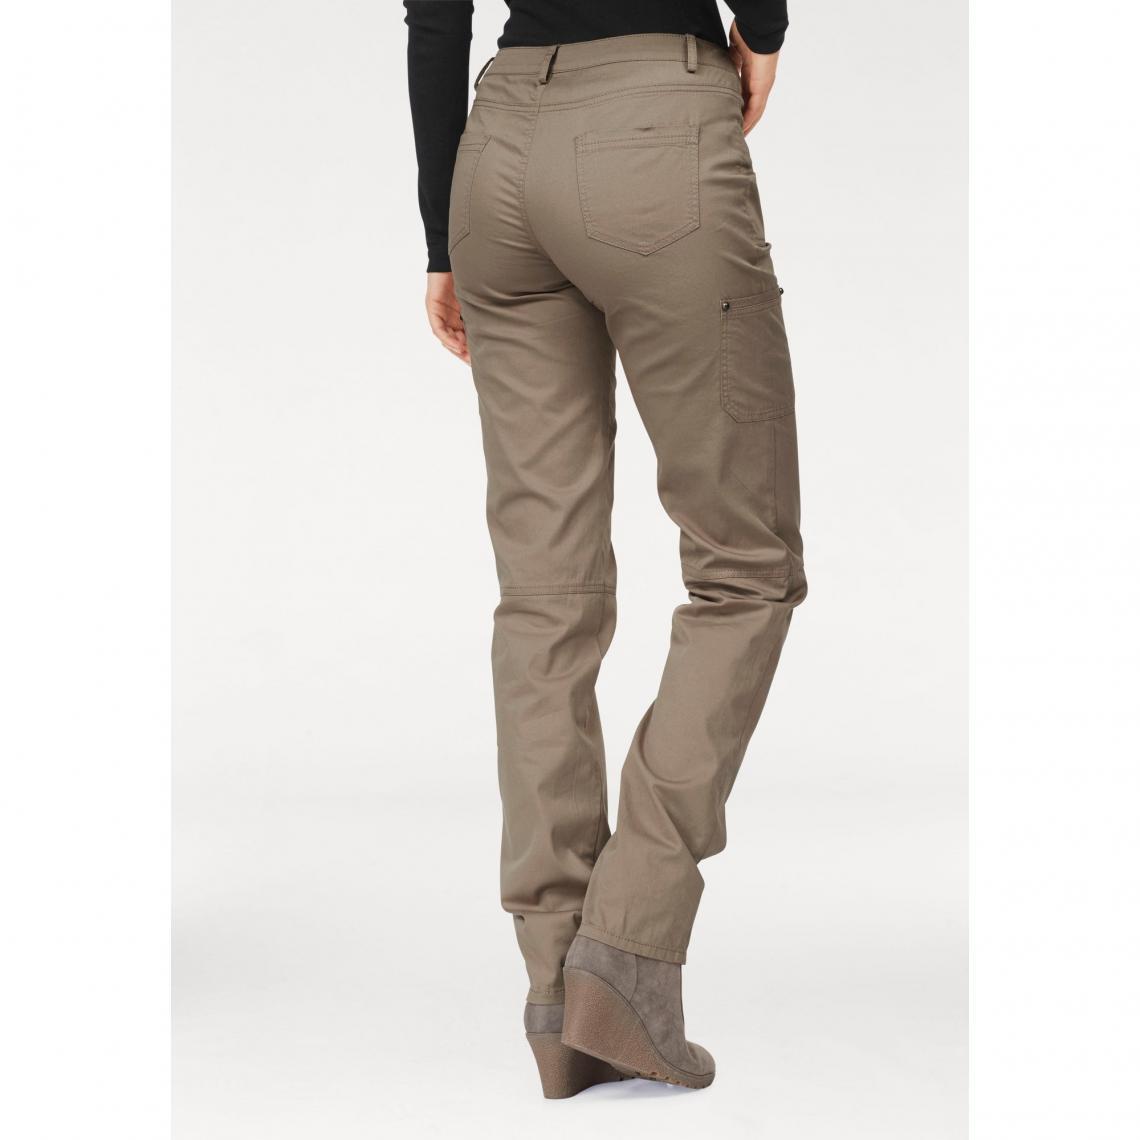 grandes variétés style exquis choisir véritable Pantalon cargo coton/stretch femme Boysen's - Marron | 3 SUISSES